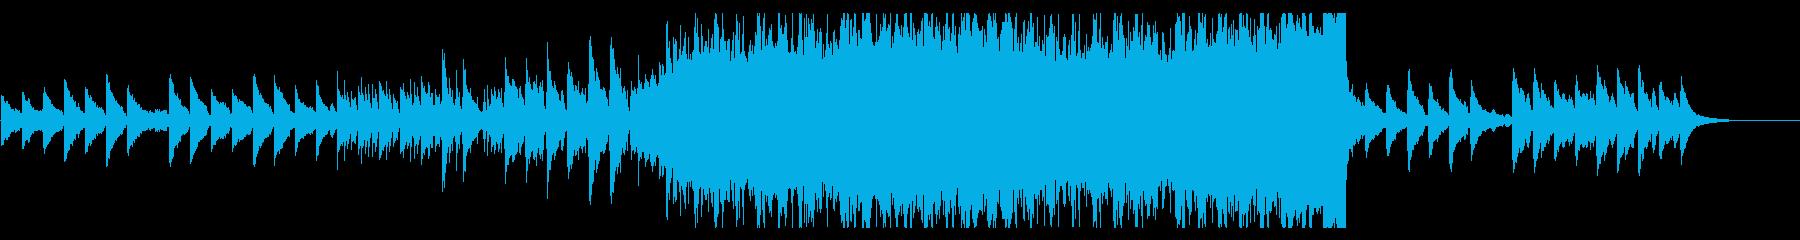 壮大なファンタジーの再生済みの波形